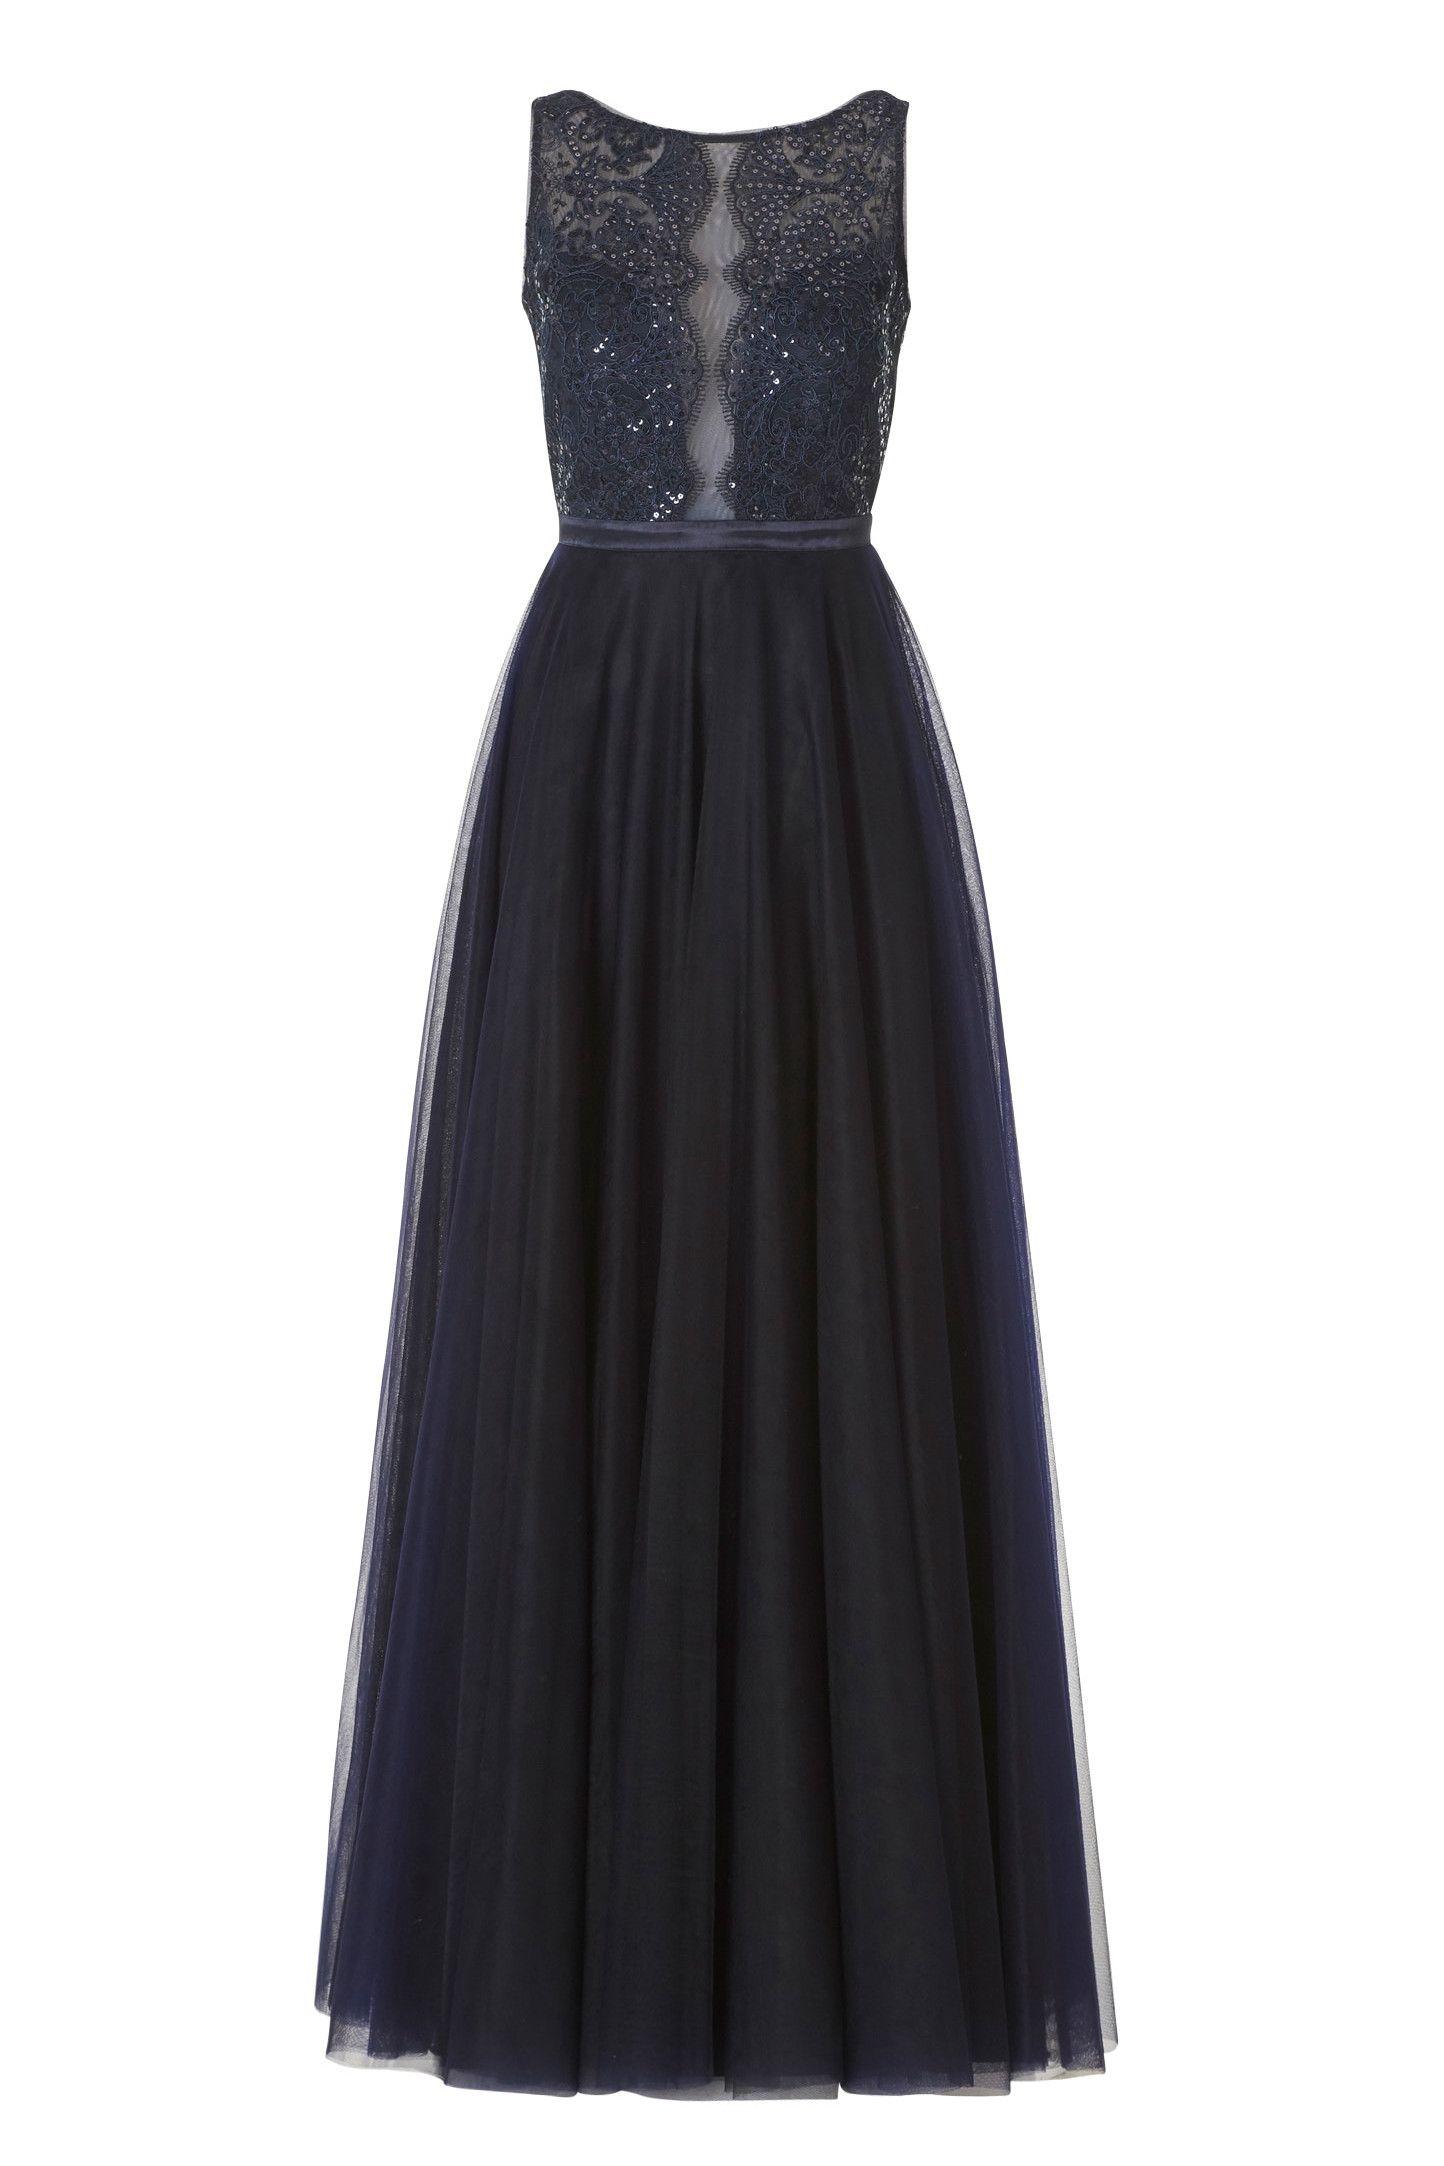 Langes Kleid Aus Tull Traumhaftes Abendkleid Von Vera Mont Luftig Leichter Tull Mit Satin Unterfuttert Obetrte Abendkleid Lange Kleider Abendkleid Turkis